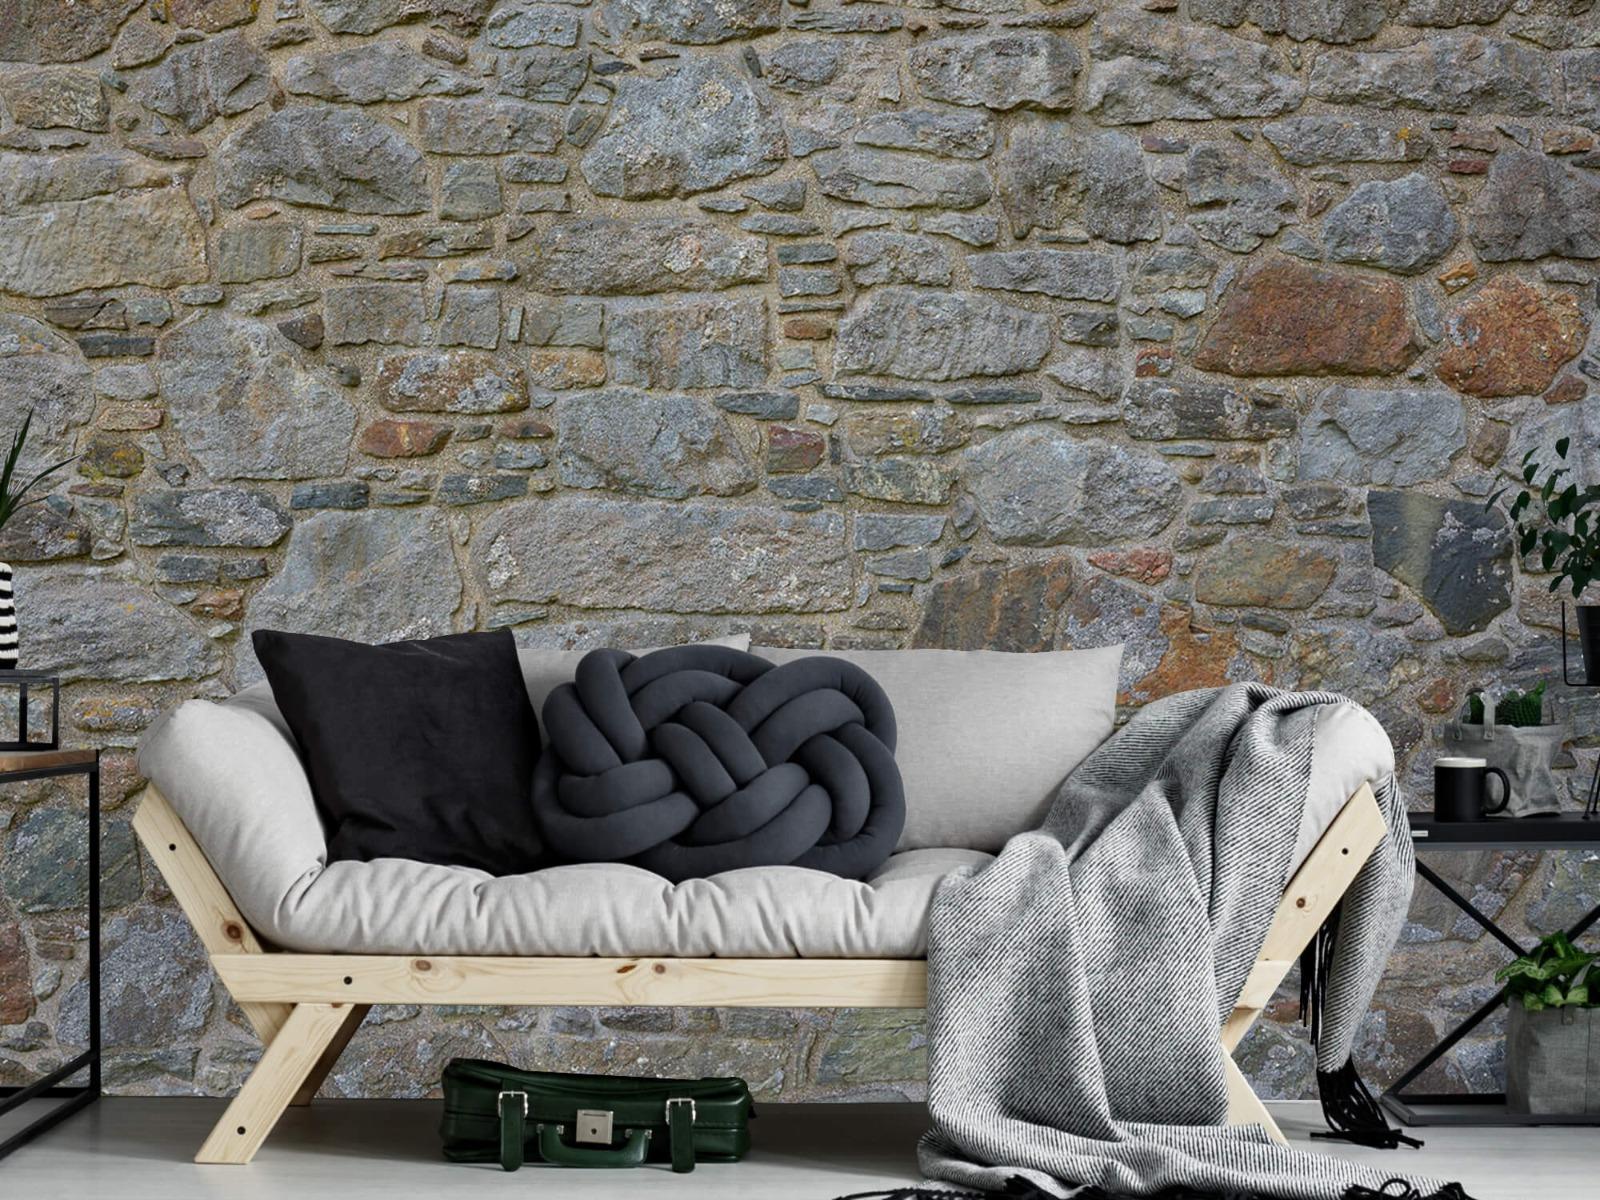 Papier peint en pierre - Mur de pierre médiéval - Chambre à coucher 7